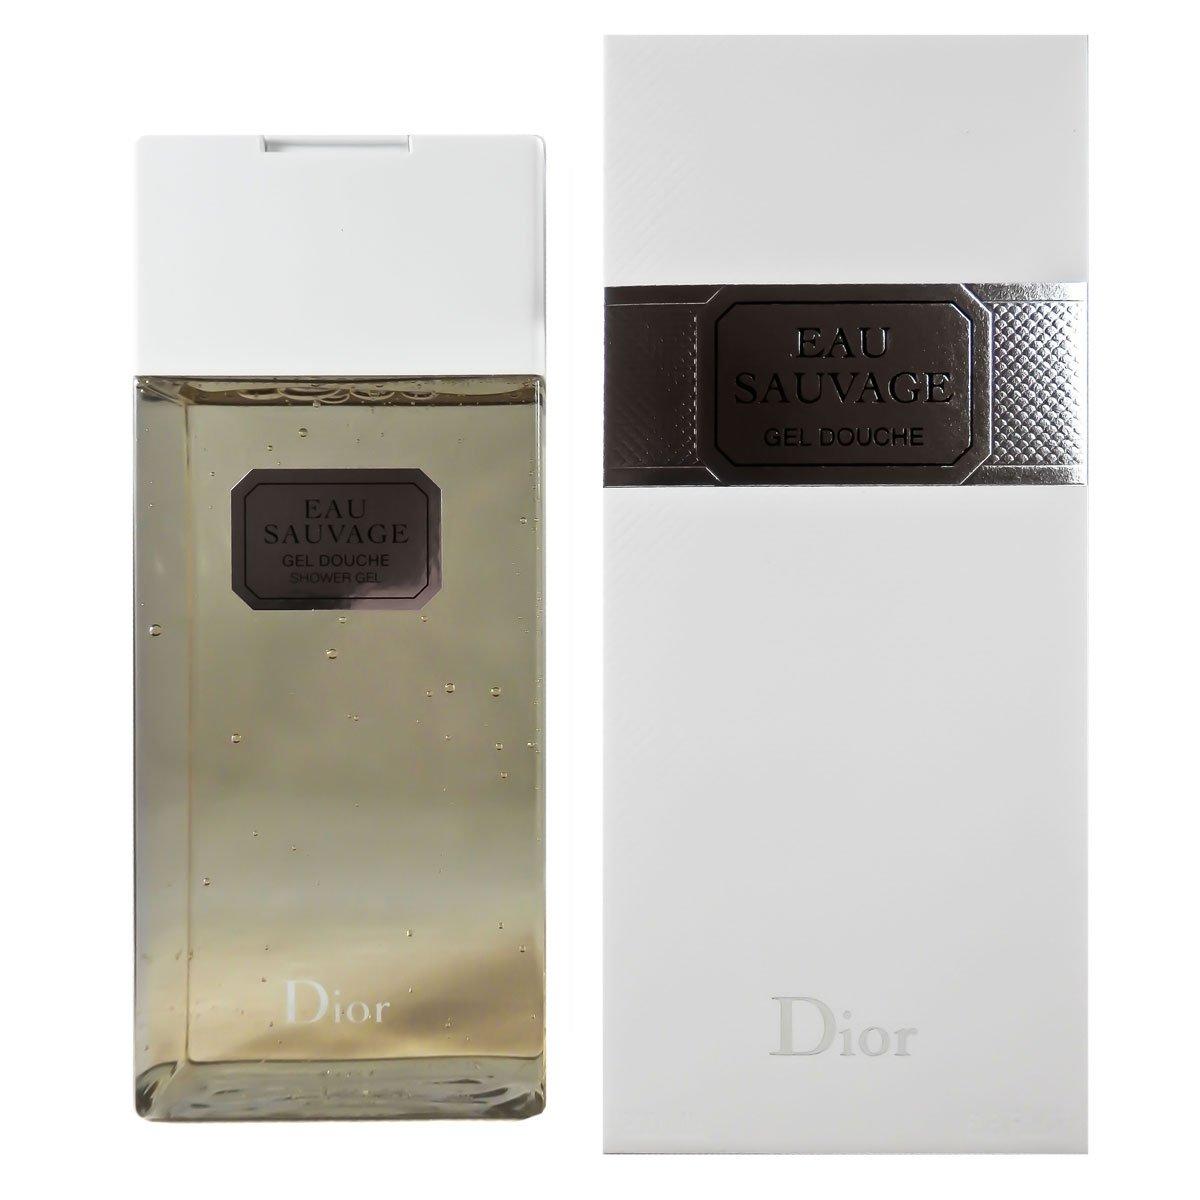 Dior Bagnoschiuma, Eau Sauvage Gel Douche, 200 ml 3348901250122